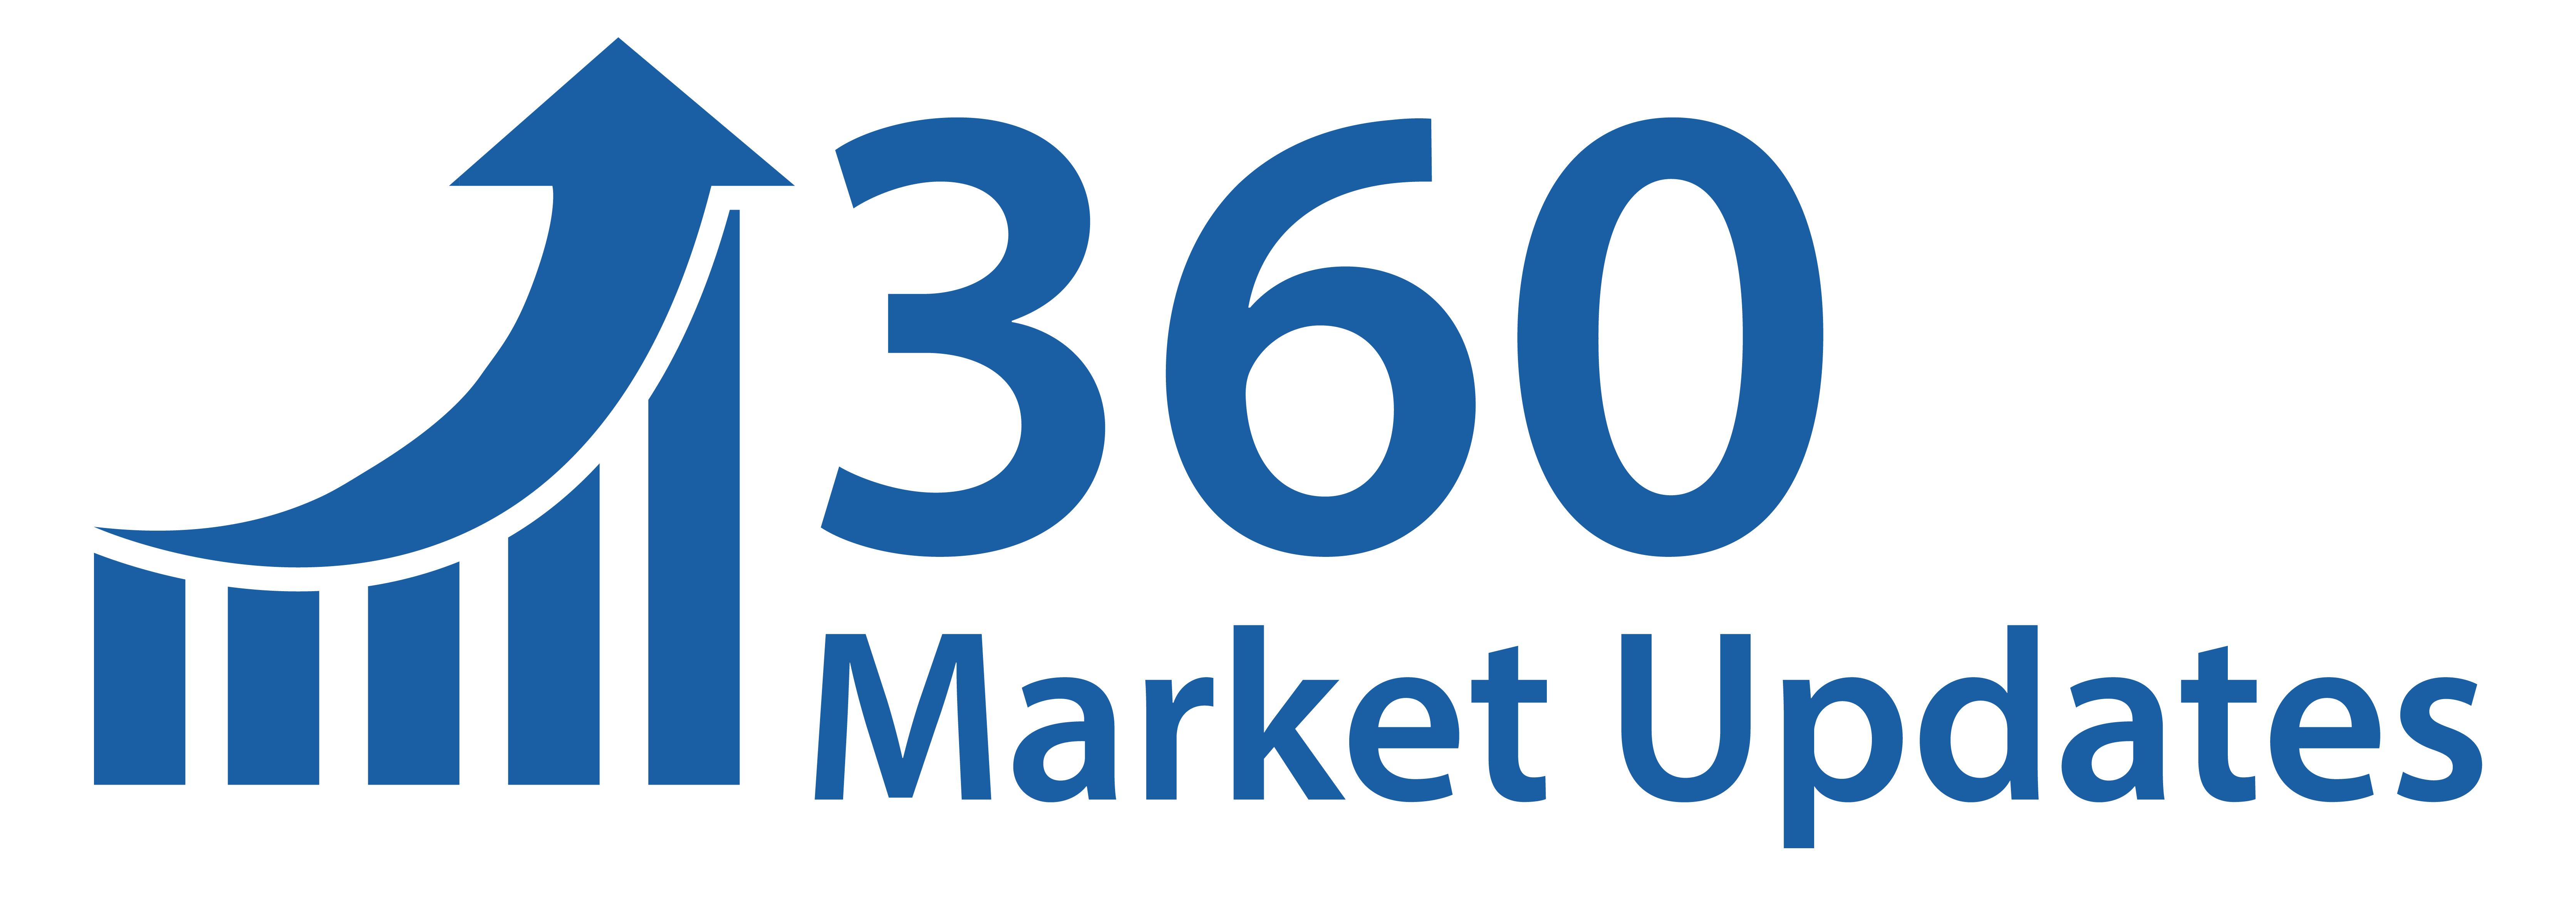 Campaign Management Software Market 2020 – Branchennachfrage, Aktie, Größe, Zukunftstrends Pläne, Wachstumschancen, Schlüsselakteure, Anwendung, Nachfrage, Branchenforschungsbericht von Regional Forecast to 2024